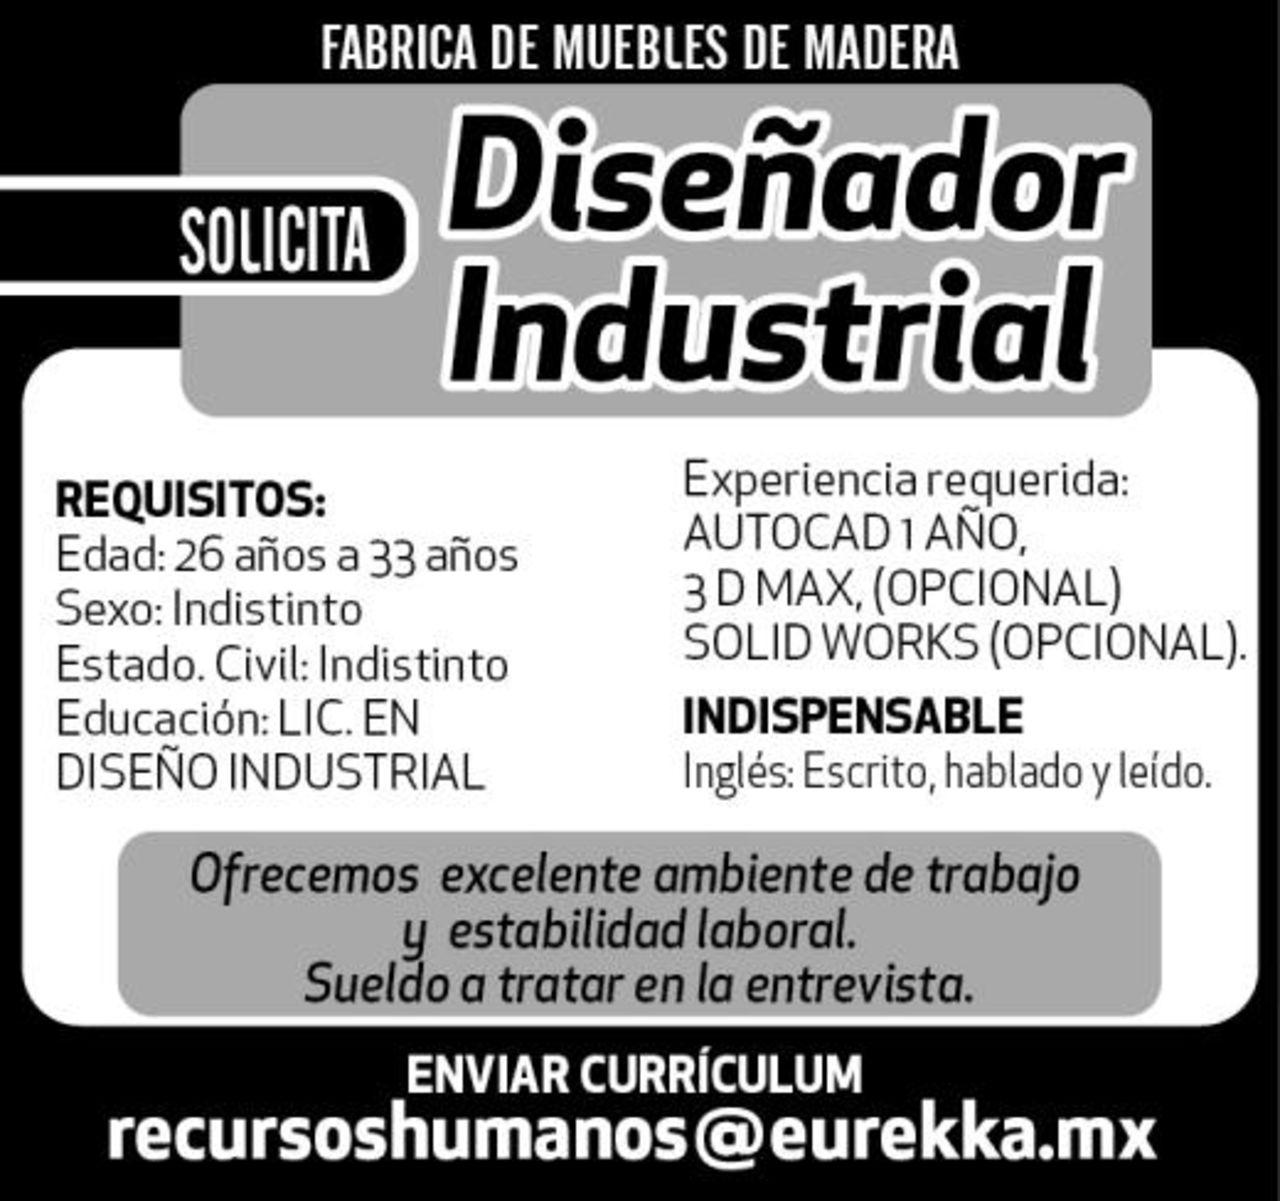 DISEÑADOR INDUSTRIAL - Torreón desplegados El Siglo